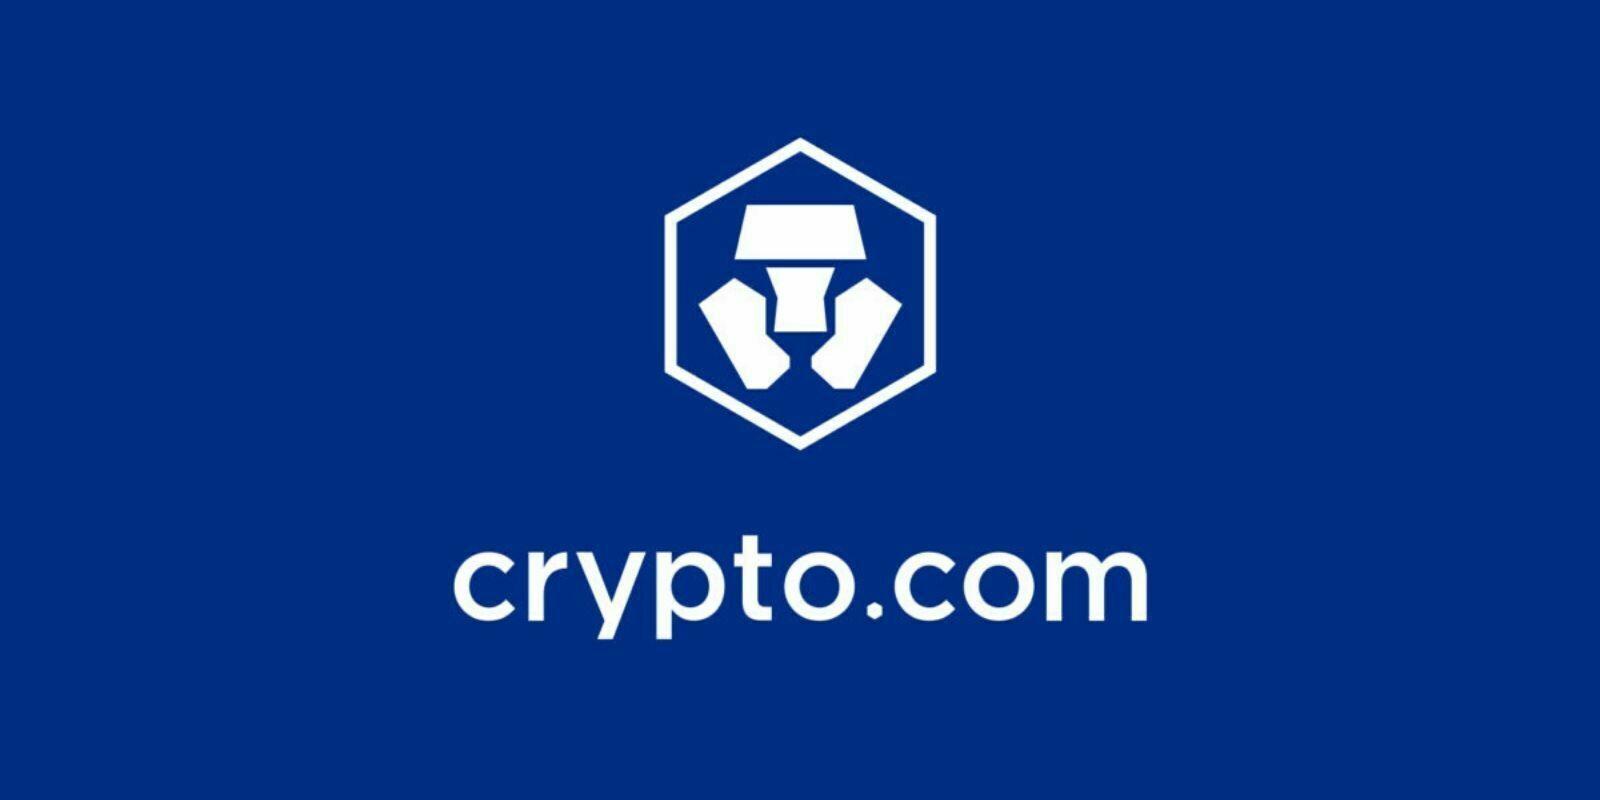 Crypto.com passe temporairement les frais à 0 et double le cashback